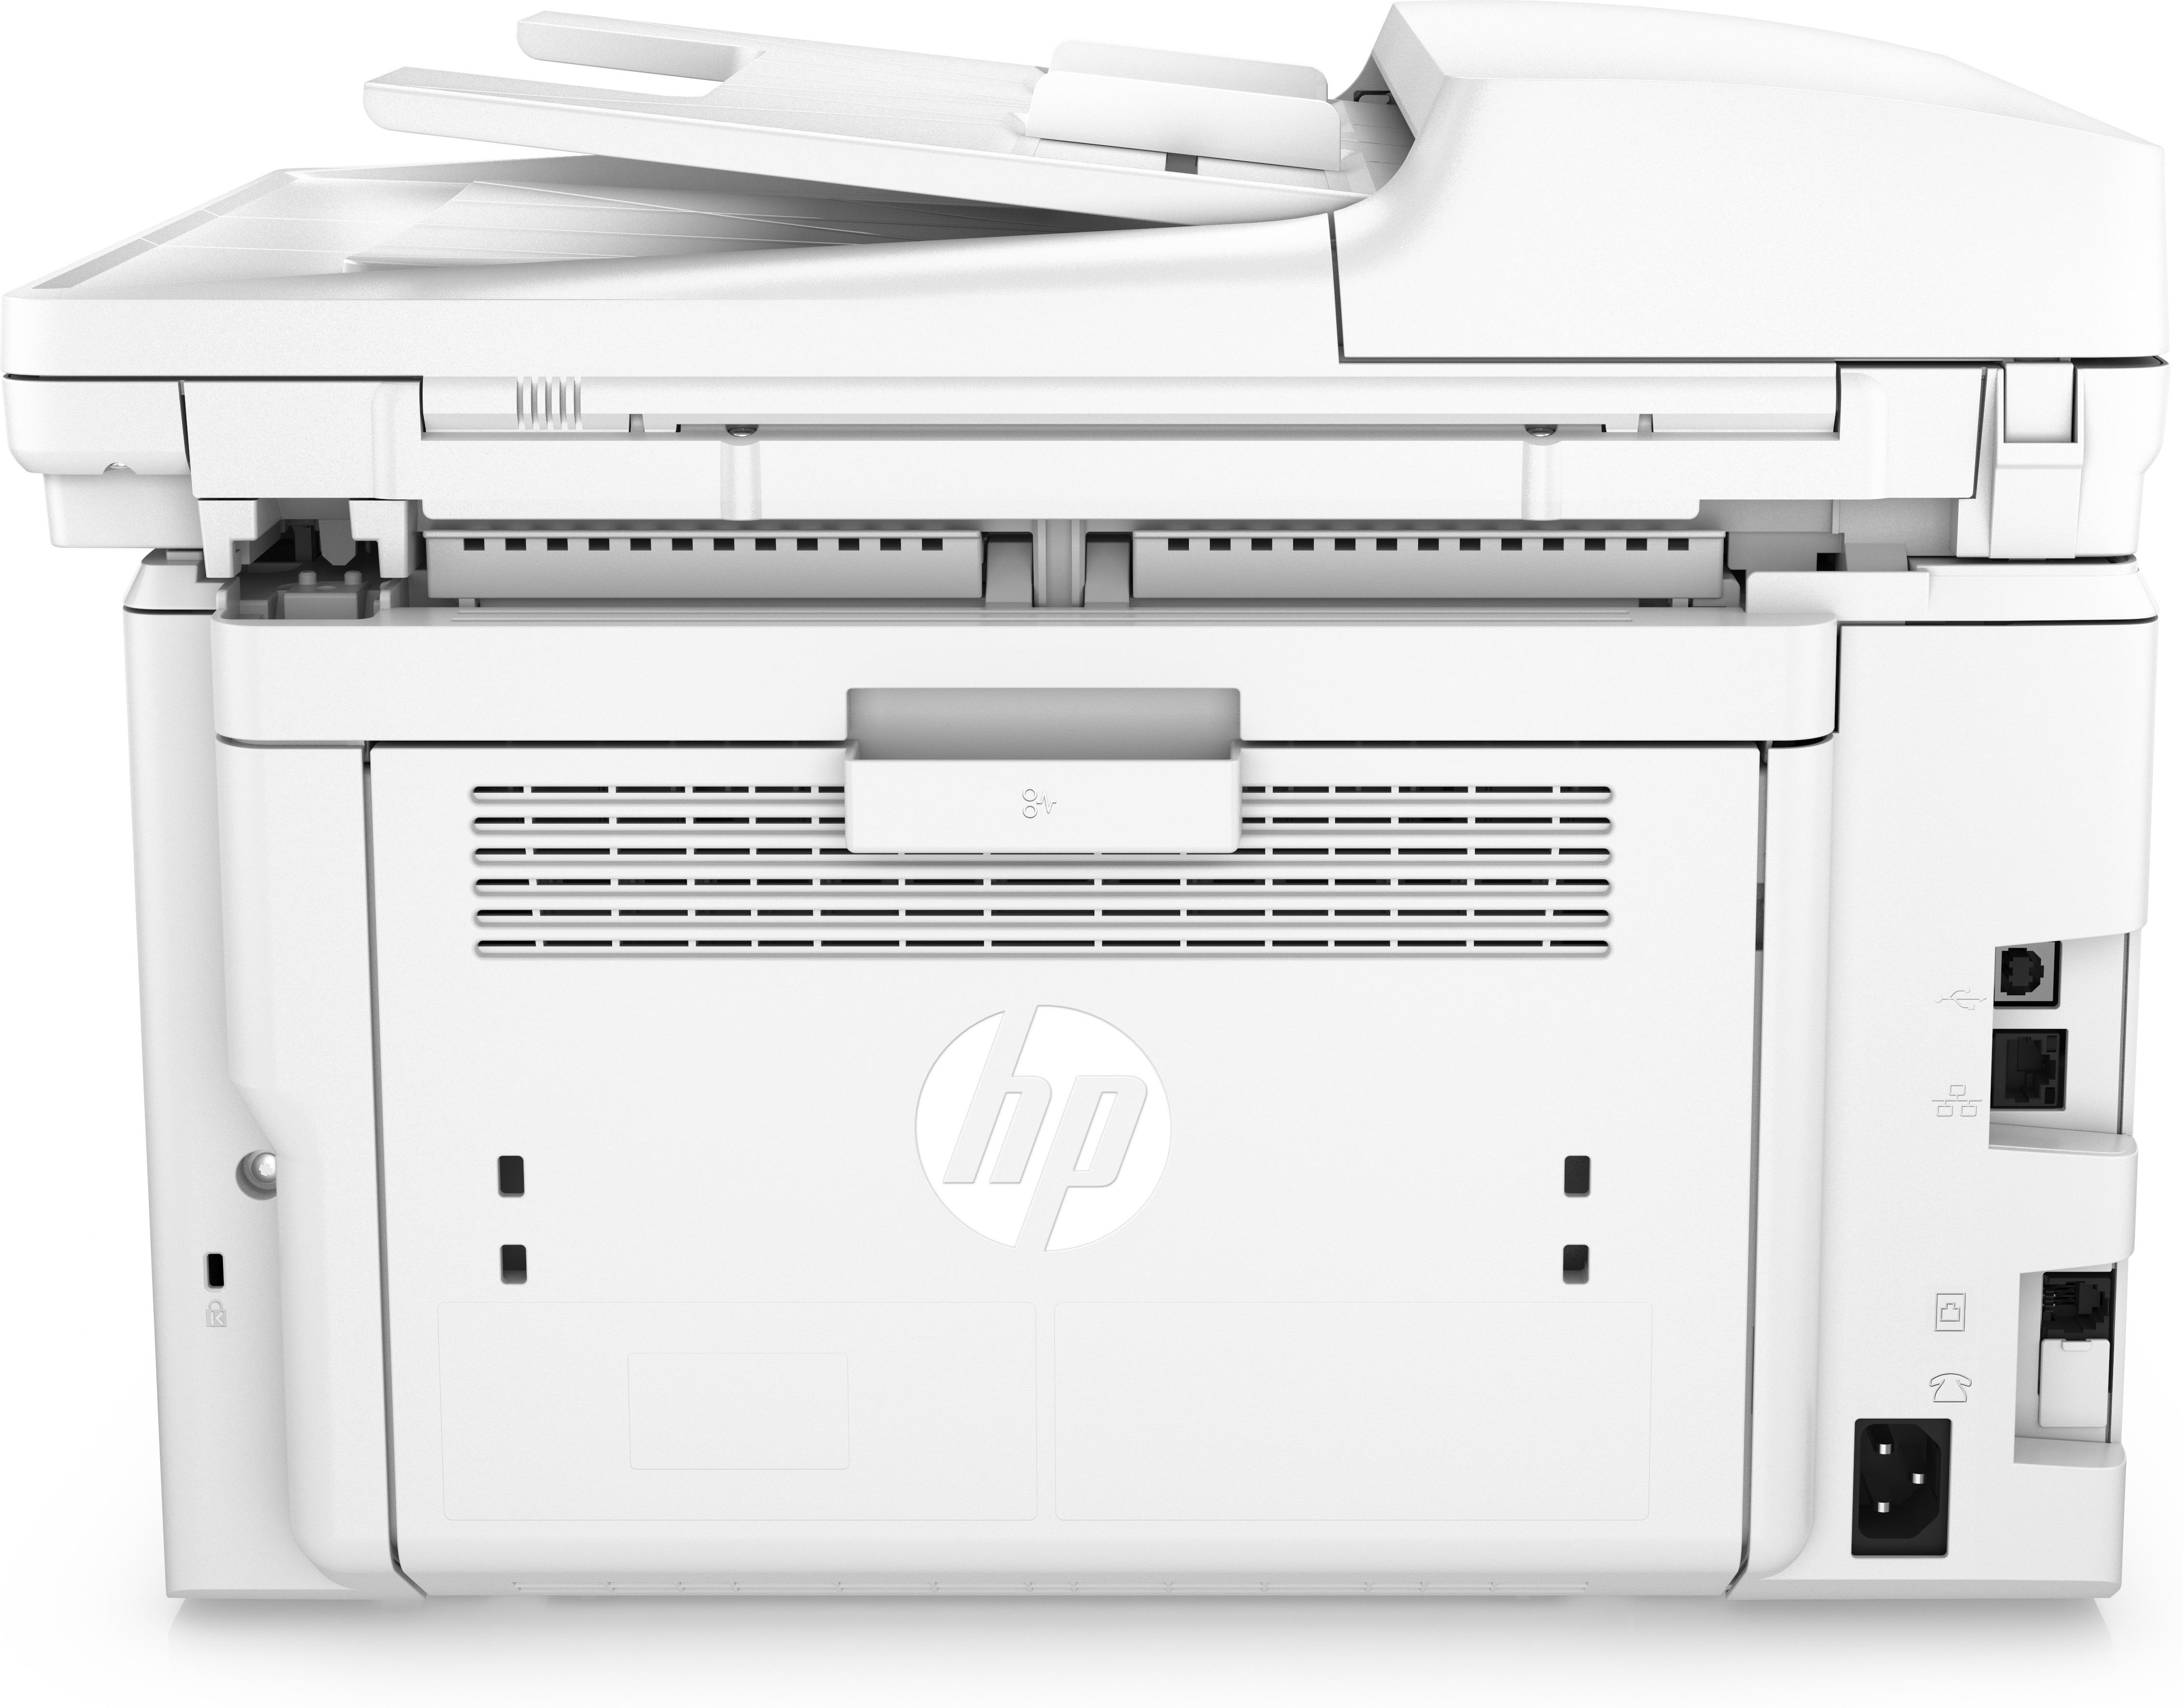 LaserJet Pro MFP M227fdw Multifunction printer (A4, 47 ppm, USB 2.0, LAN, Wi-Fi)